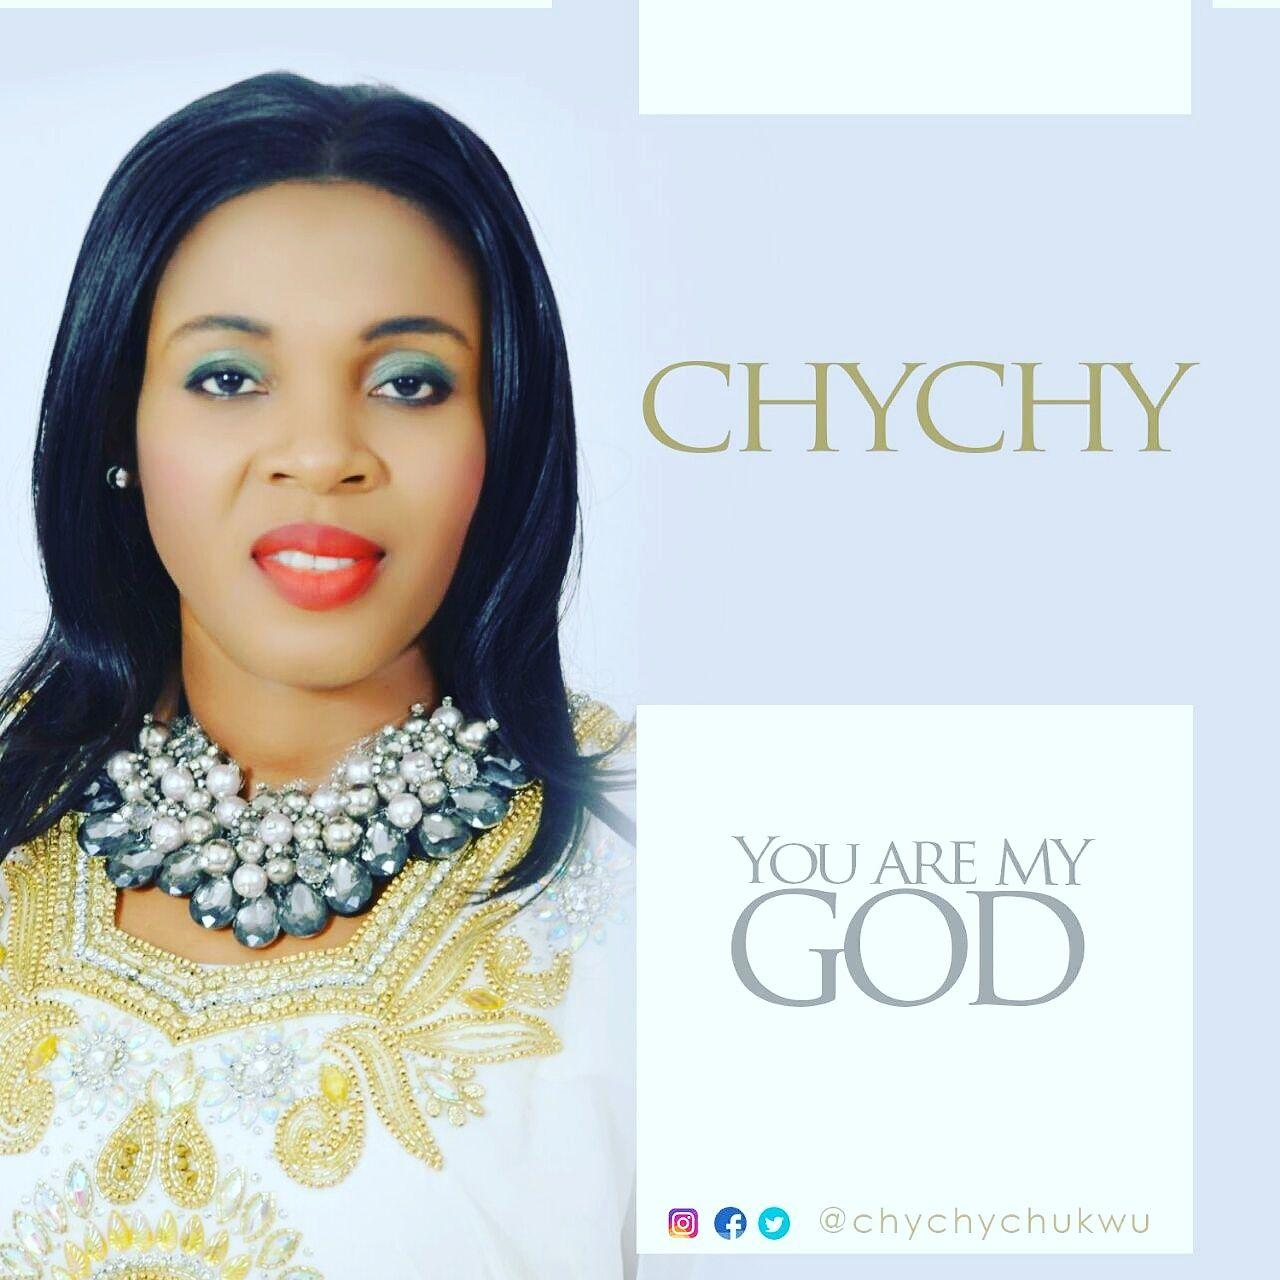 YOU ARE MY GOD - Chychy [@chychychukwu]